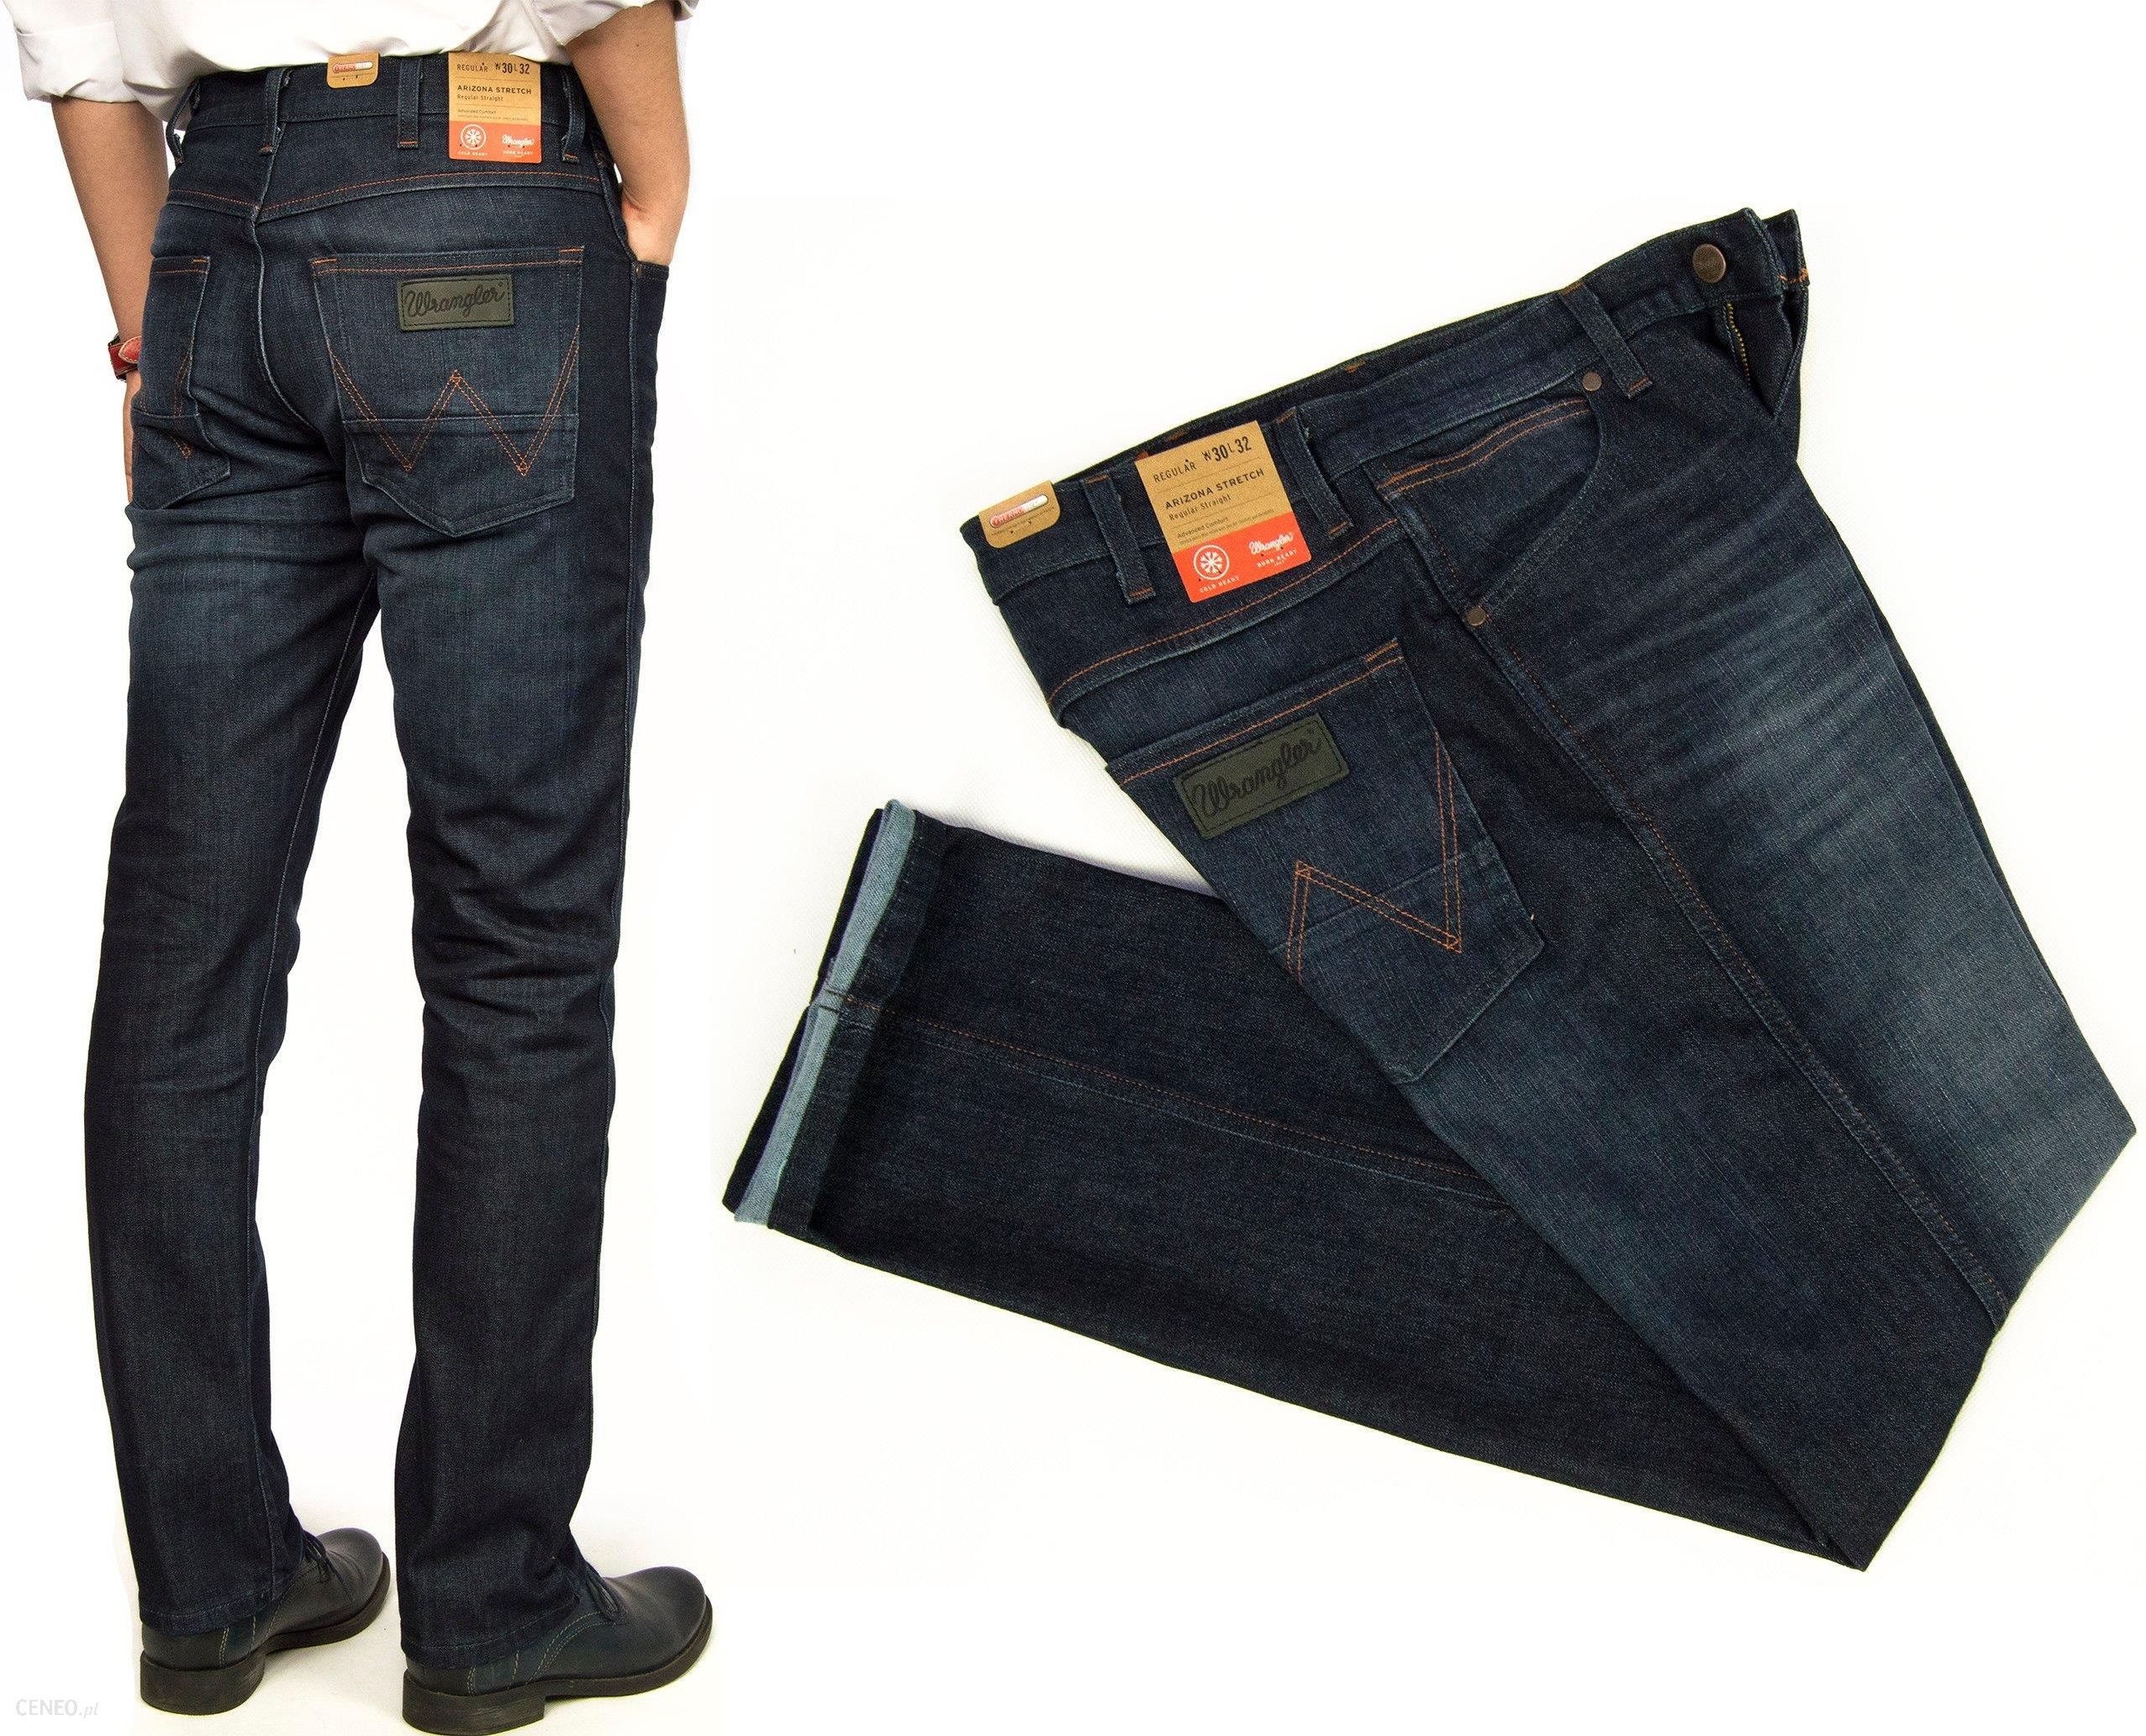 e870265b42d17b Wrangler Arizona Warm D. spodnie jeans Men W31 L34 - Ceny i opinie ...